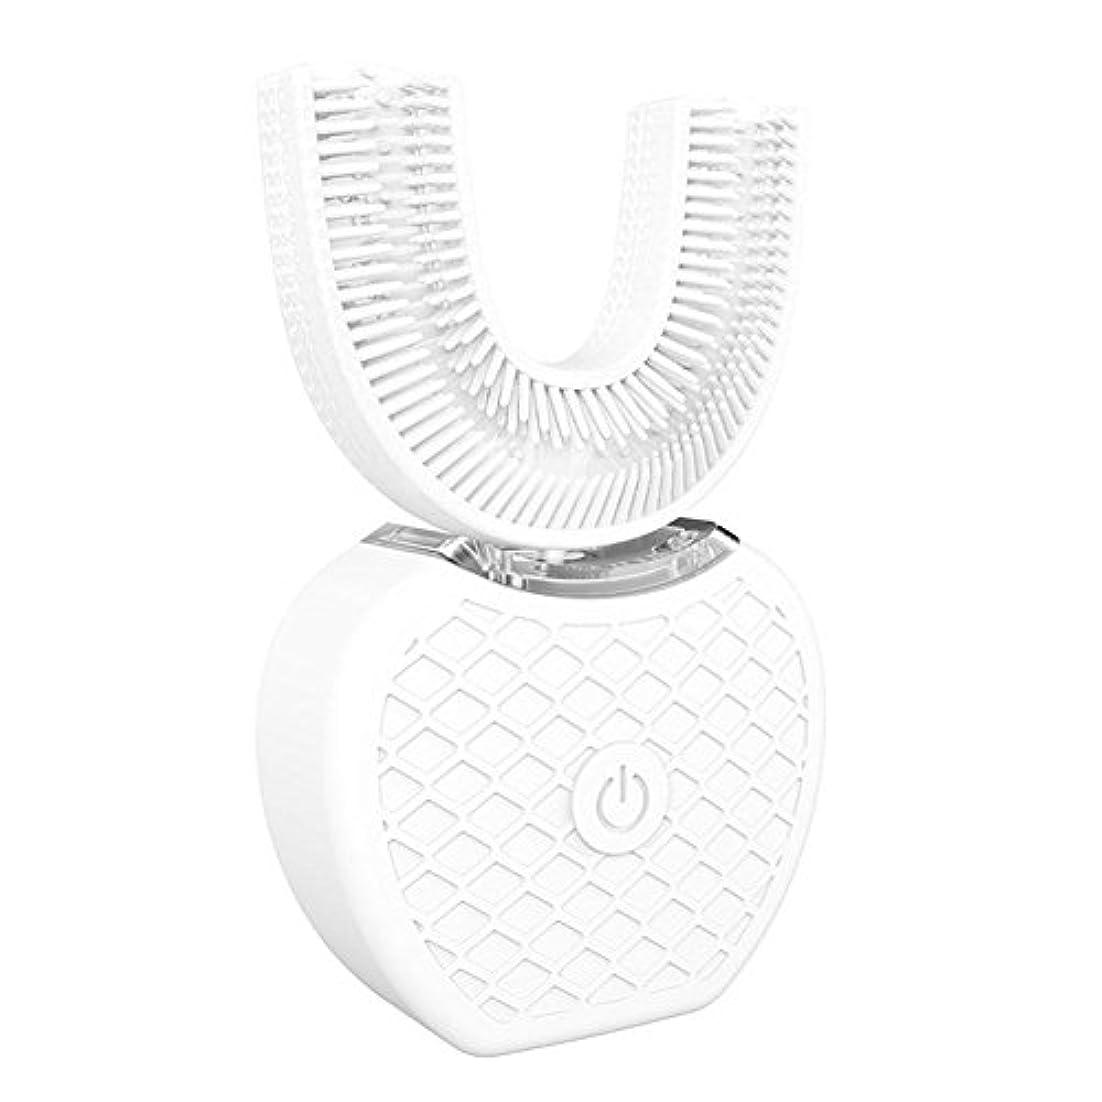 定期的二週間配る【Cheng-store】自動周波数超音波電動歯ブラシ360° 怠惰な歯ブラシ白い歯の器具 自動ハンズフリー白色発光 ブラシヘッドをU字型4選択可能なモード